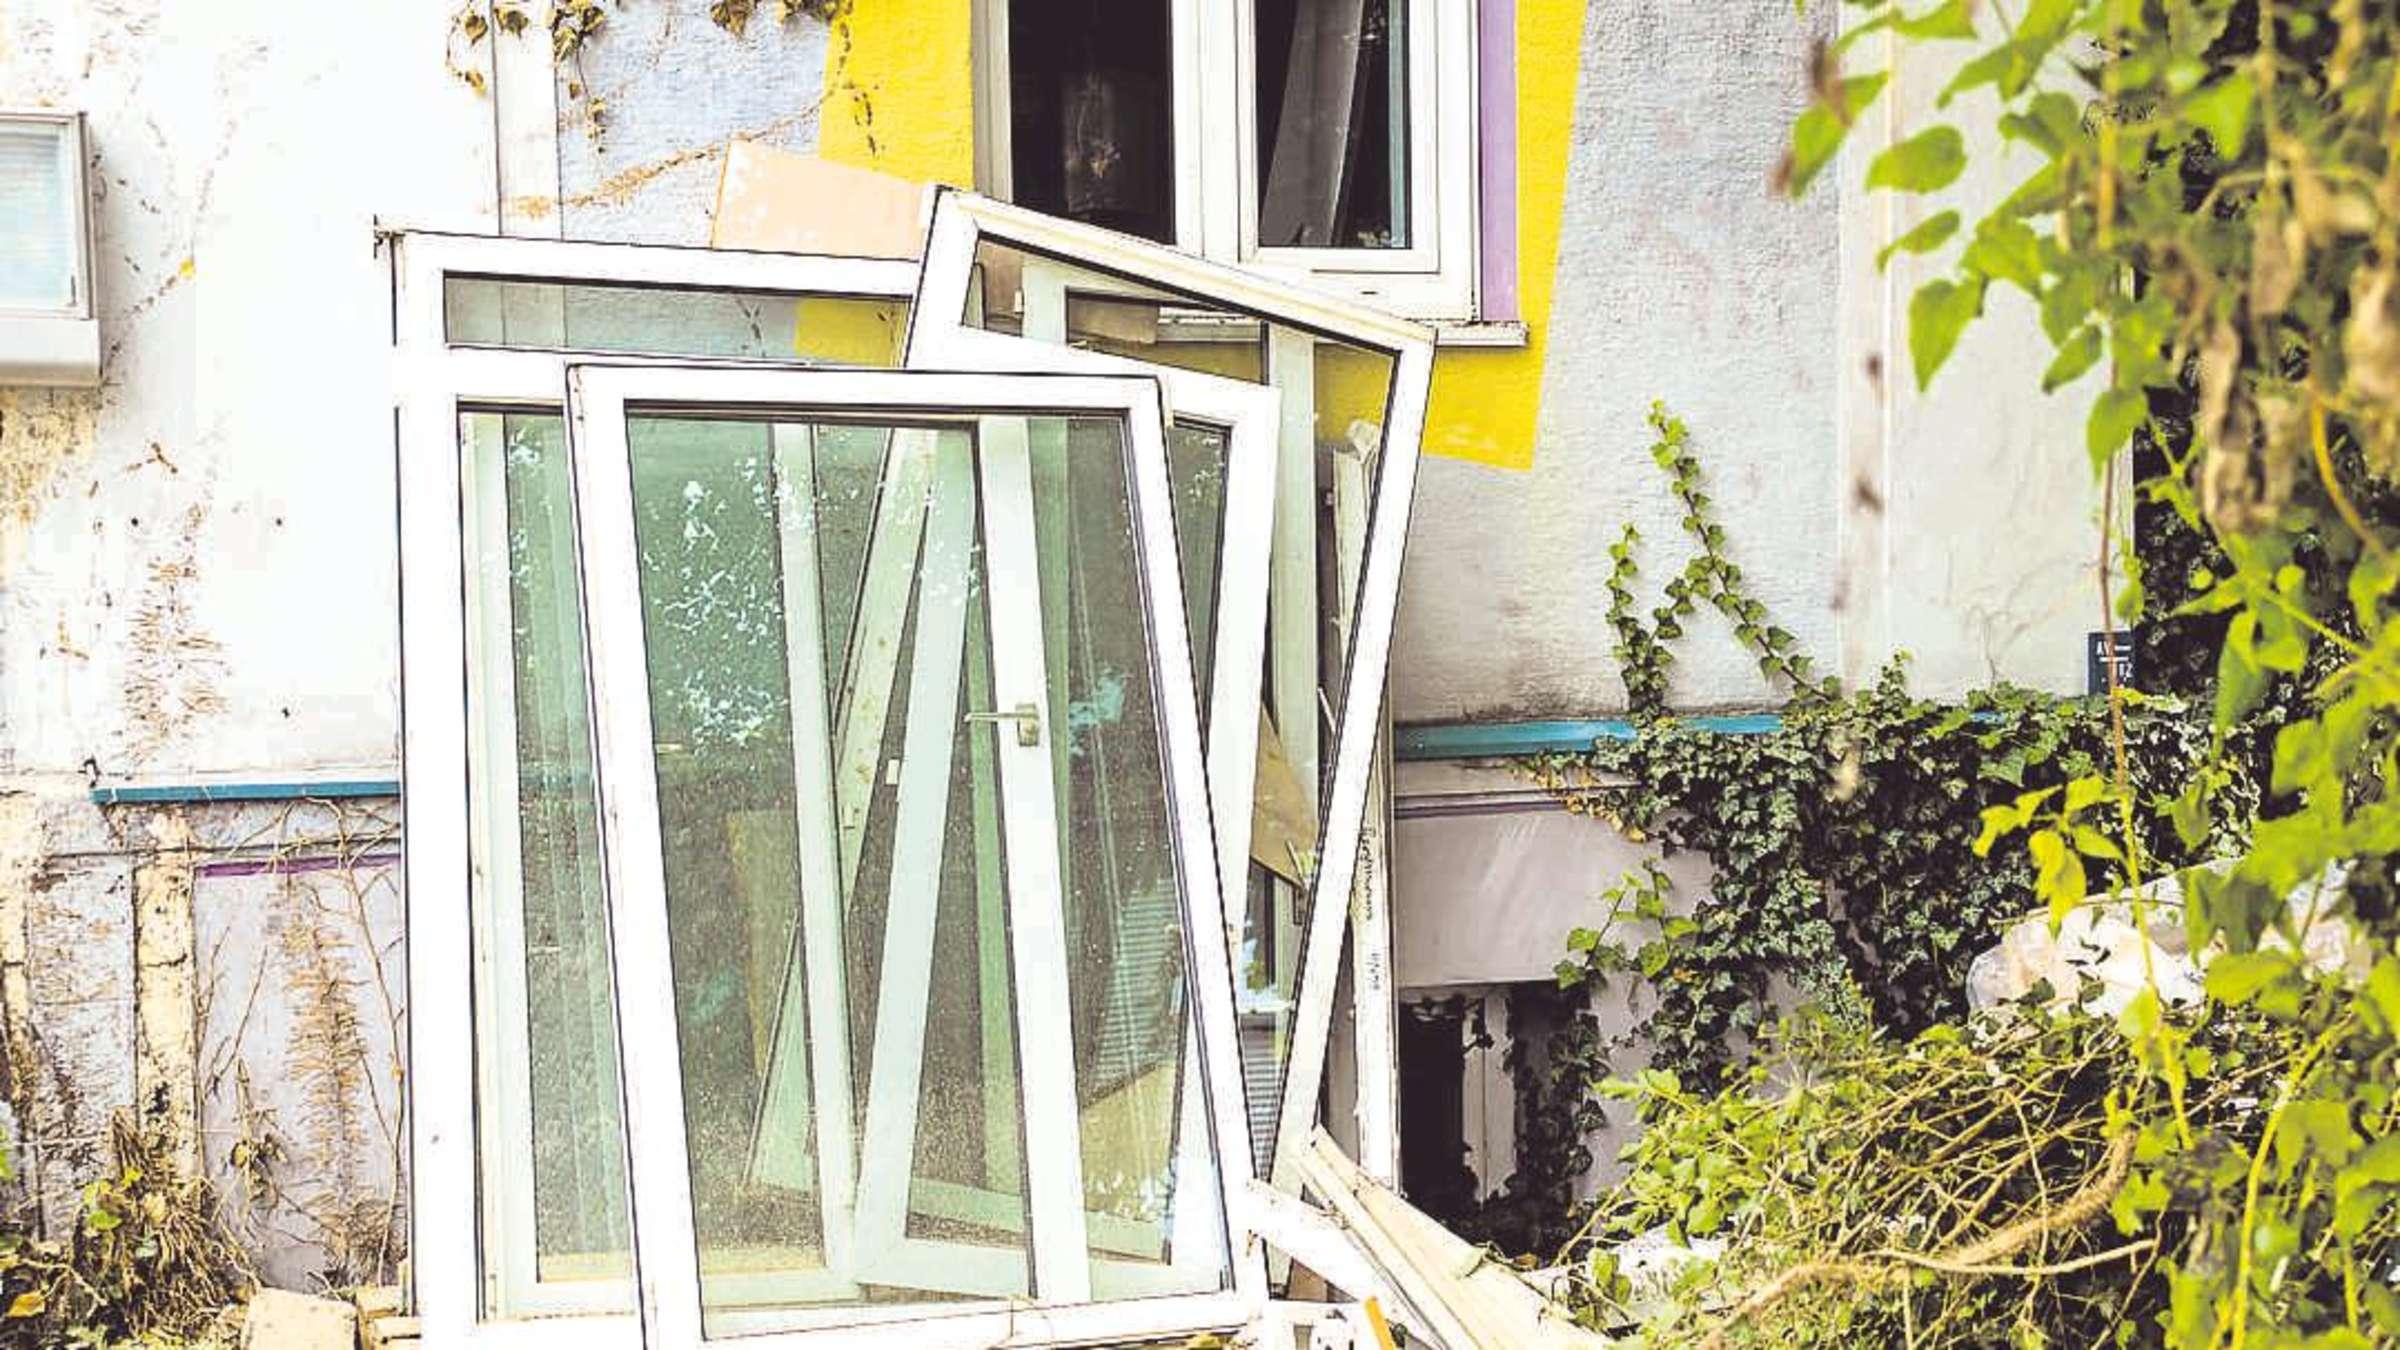 Full Size of Wann Der Mieter Mitzahlen Muss Wirtschaft Flachdach Fenster Bremen Rc3 Schallschutz Standardmaße Sicherheitsbeschläge Nachrüsten Köln Dänische Kunststoff Fenster Fenster Erneuern